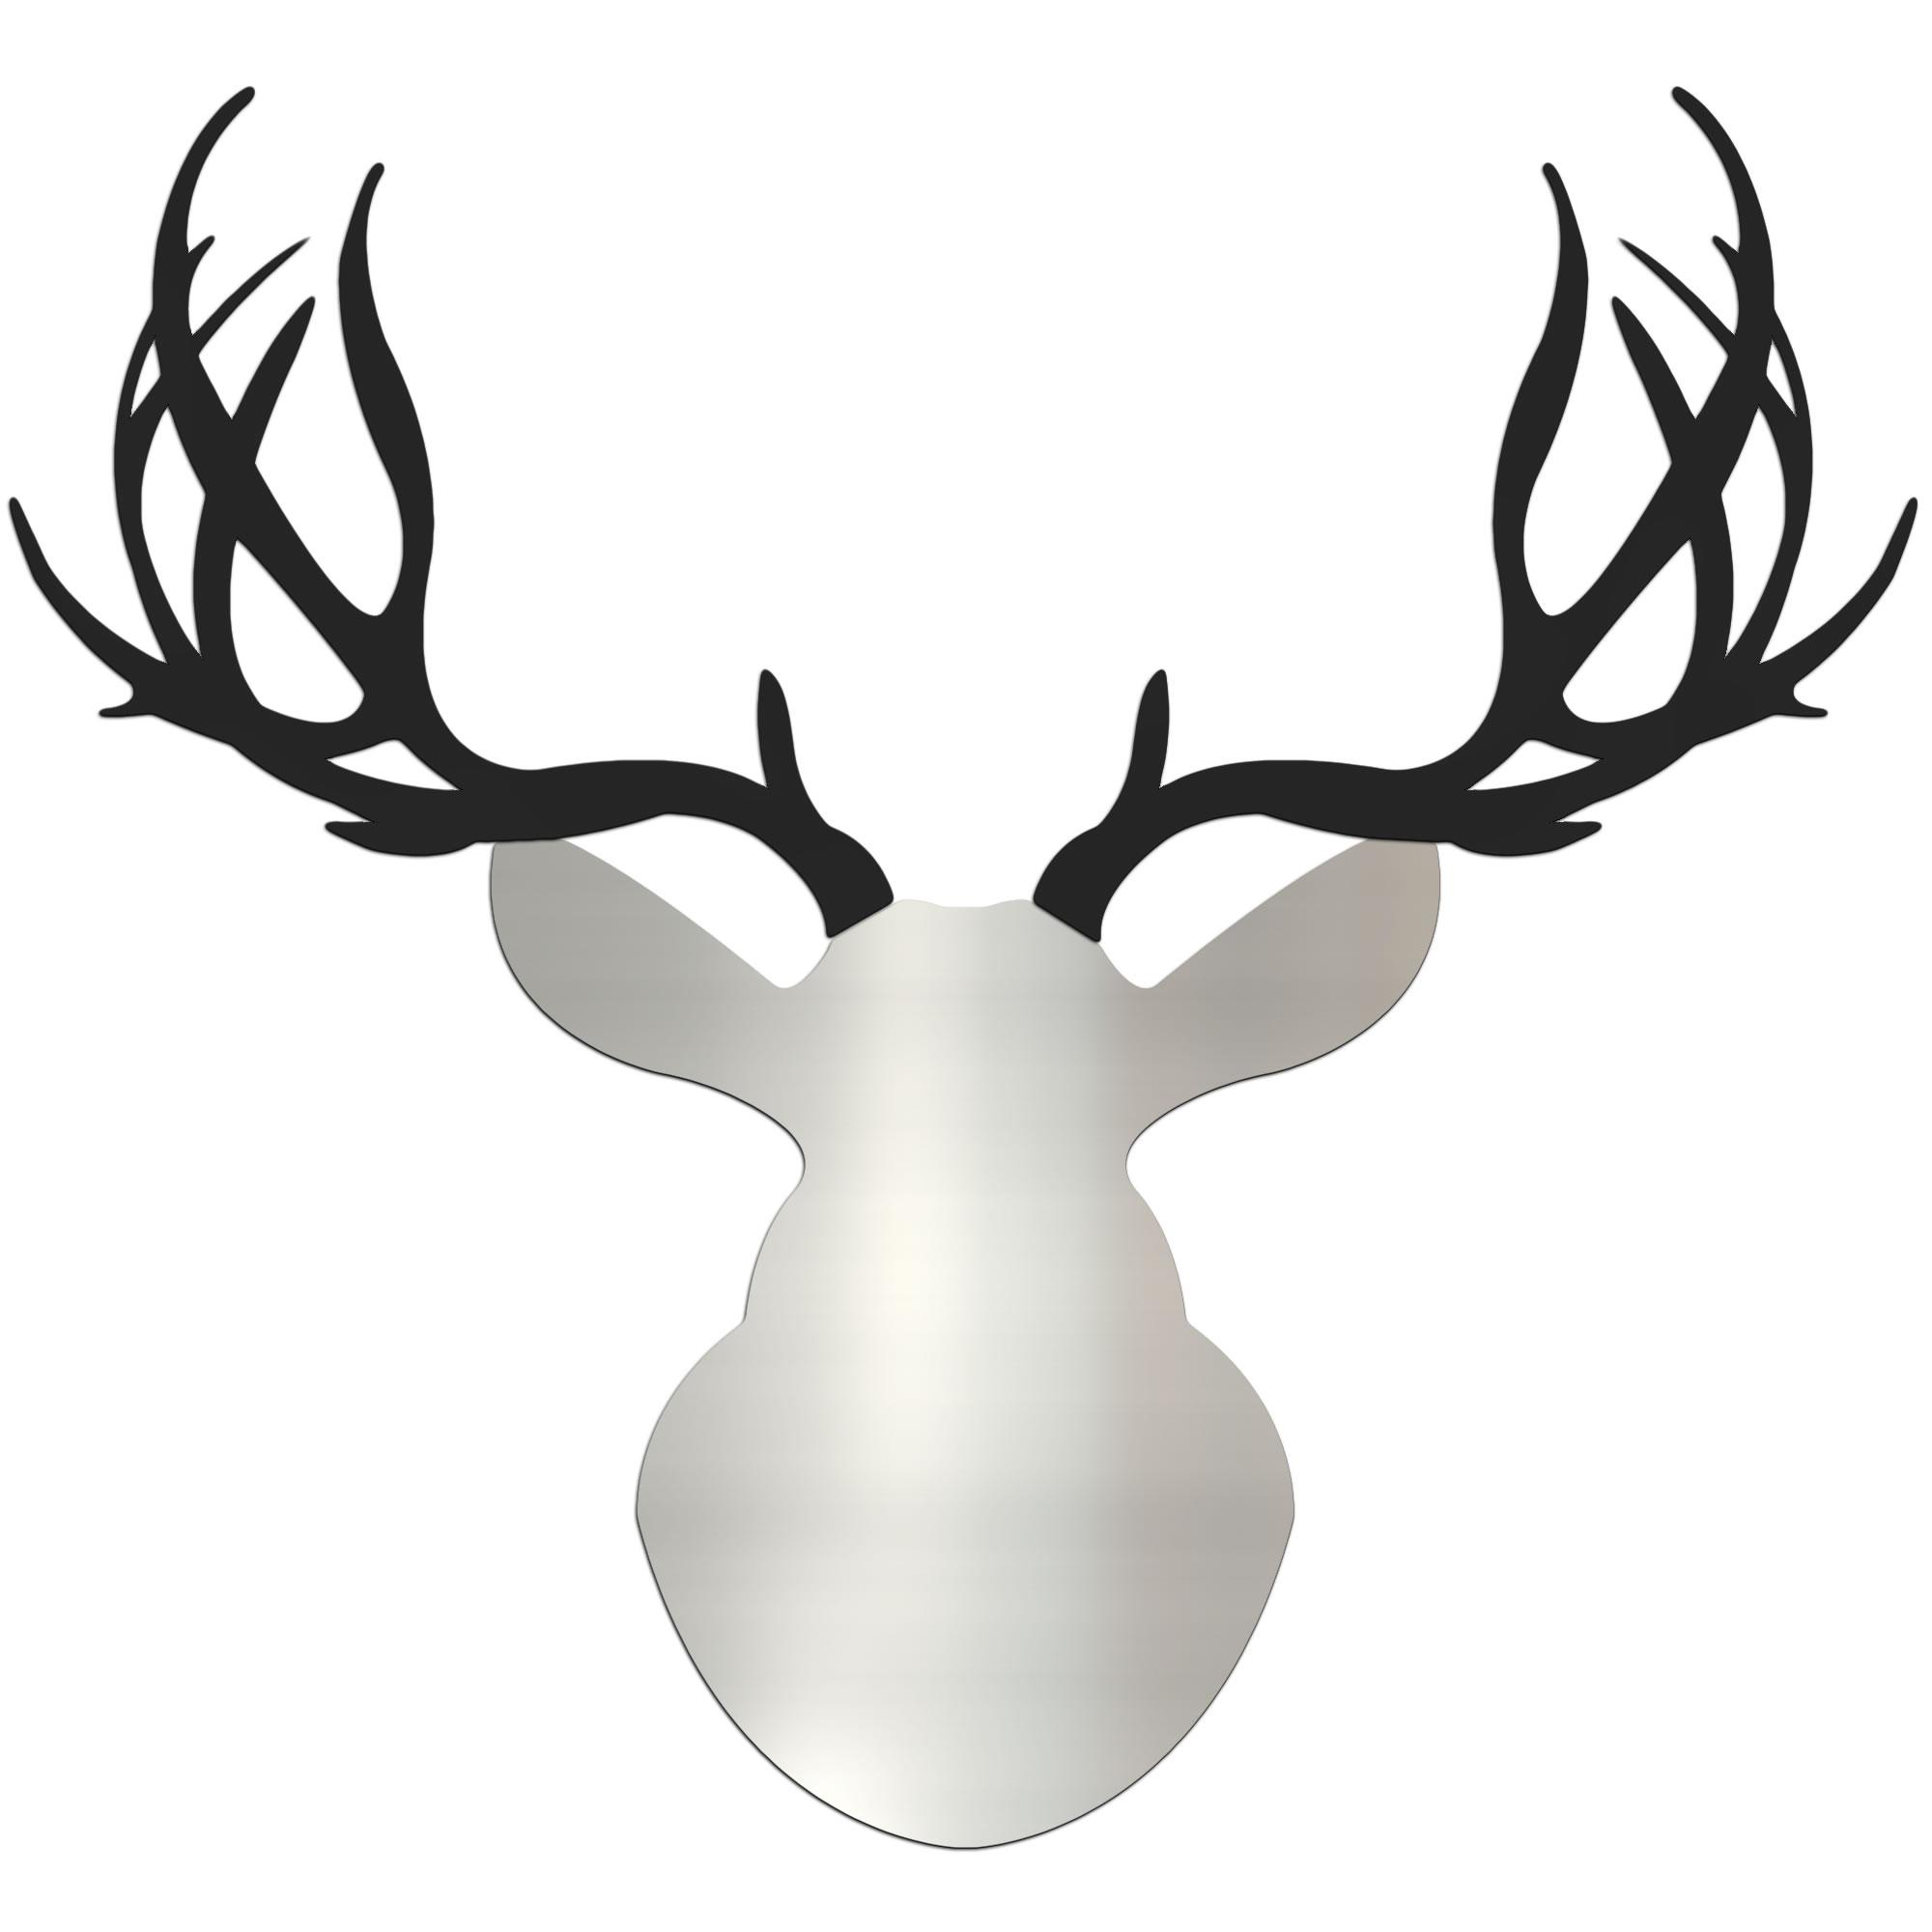 ENFORCER BUCK - 36x36 in. Silver & Black Deer Cut-Out